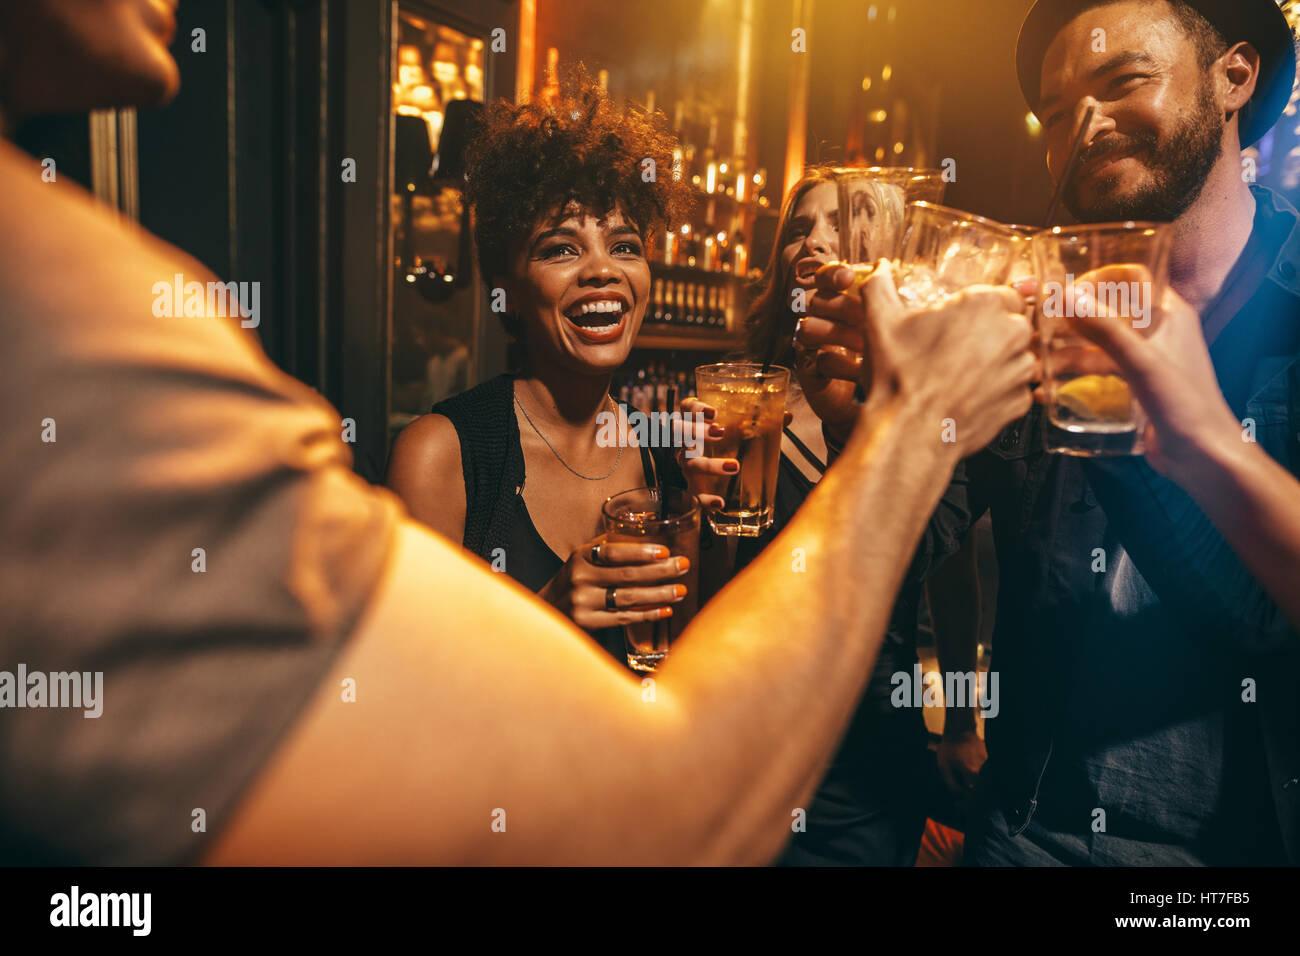 Groupe de jeunes toasting drinks at nightclub. Les jeunes hommes et femmes s'amuser au bar-salon. Photo Stock